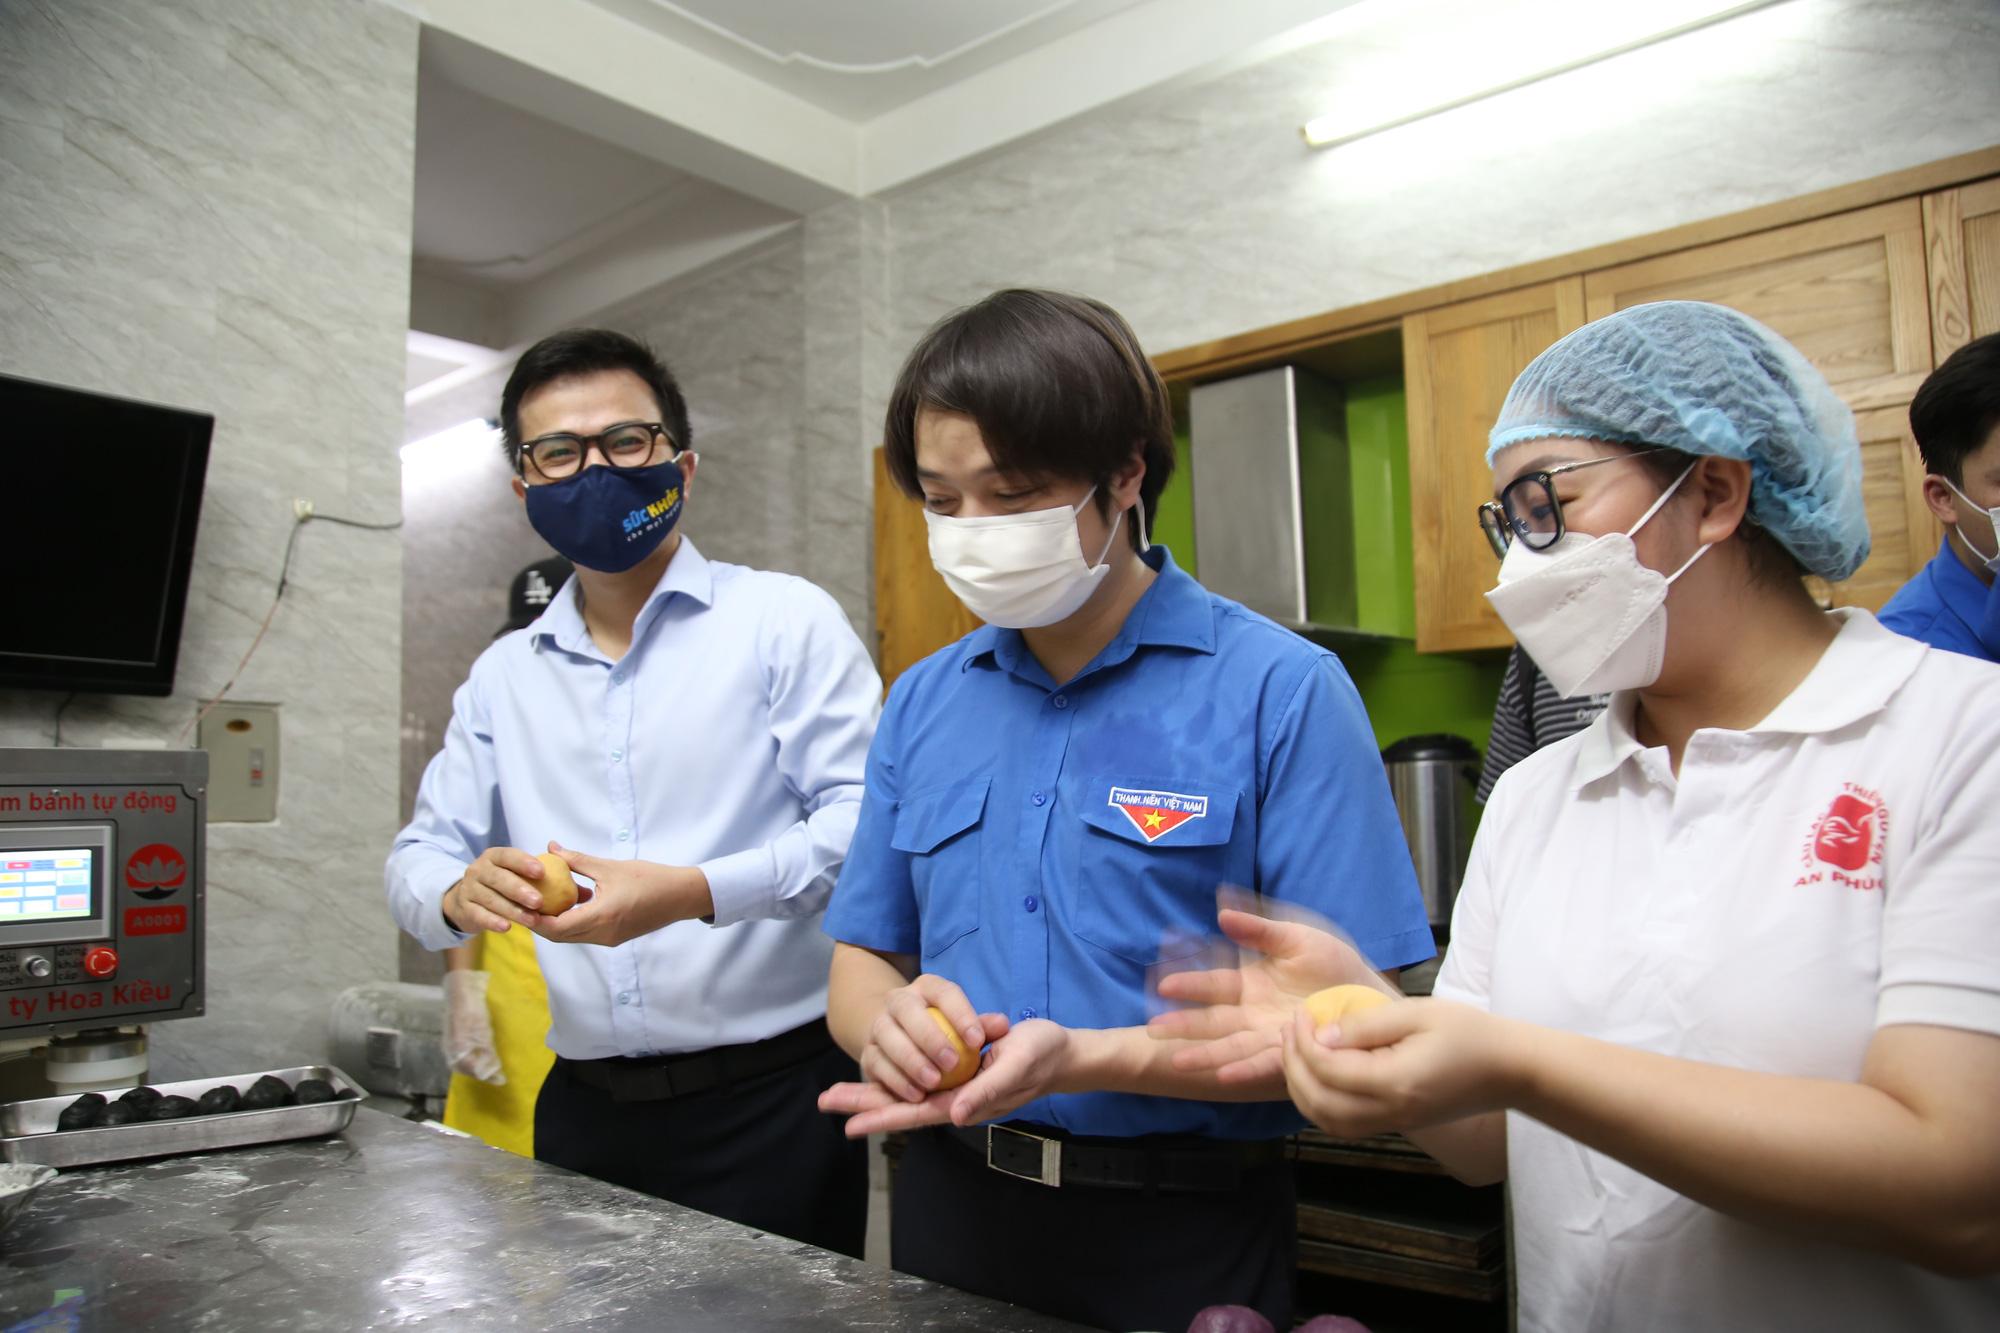 Hội Thầy thuốc trẻ, đại diện WHO tại Việt Nam xuống bếp làm bánh trung thu tặng tuyến đầu chống dịch - Ảnh 3.